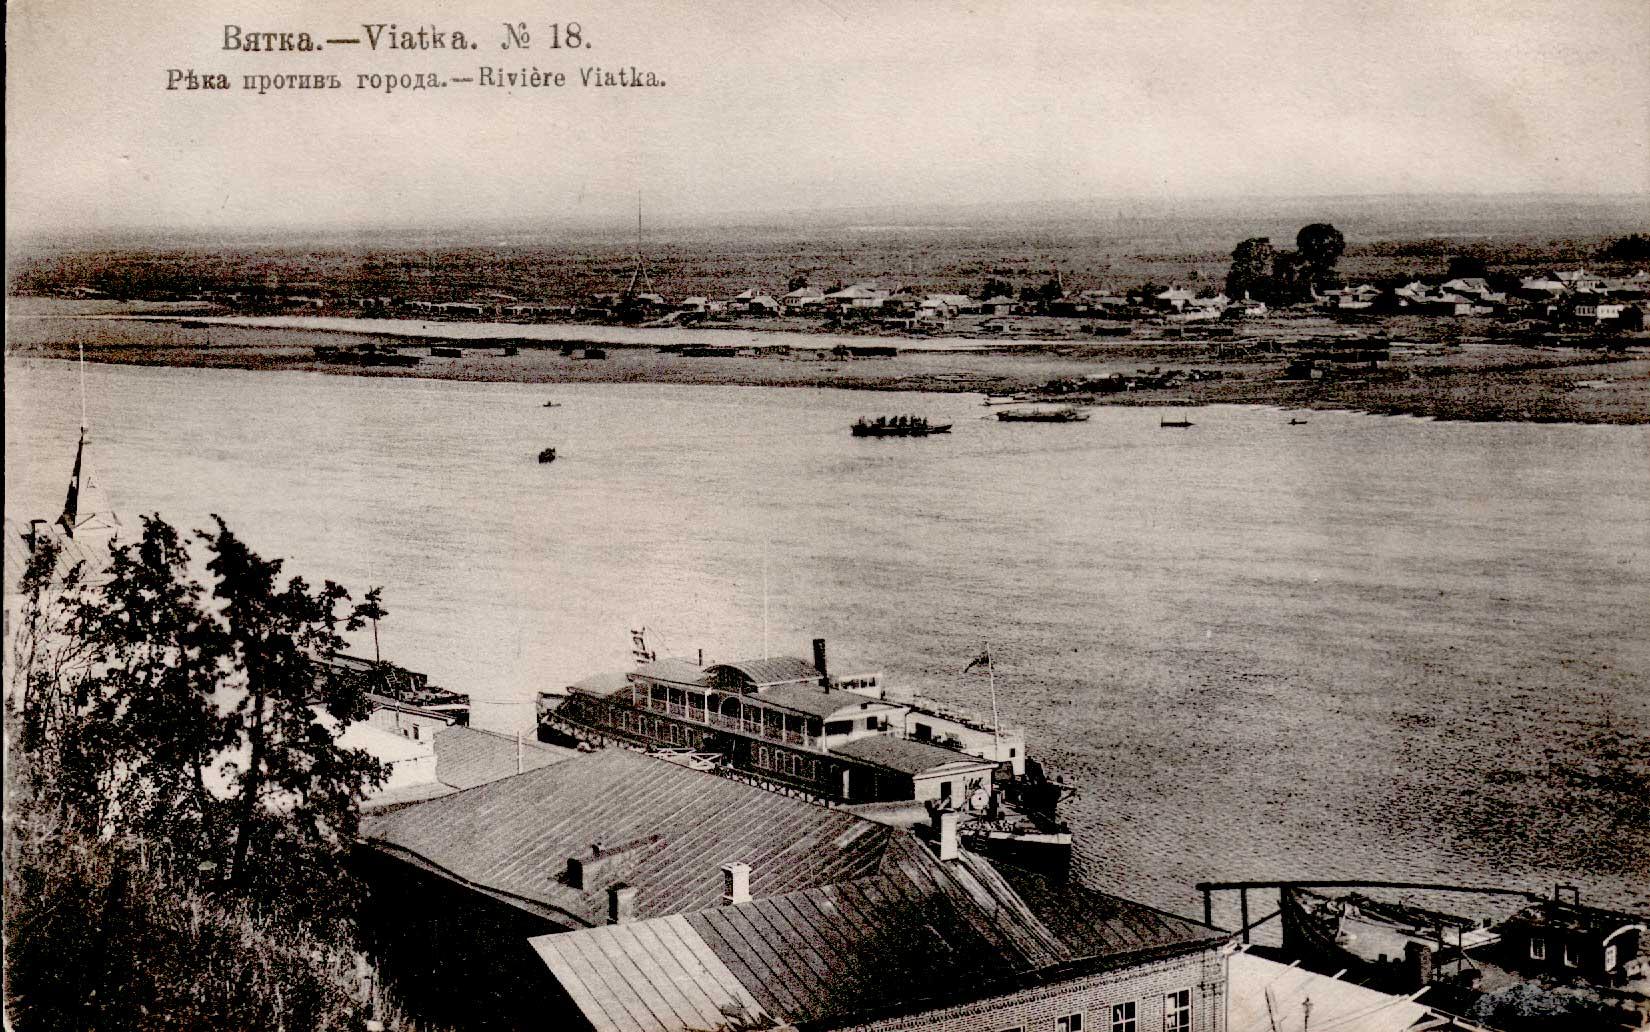 Река против города